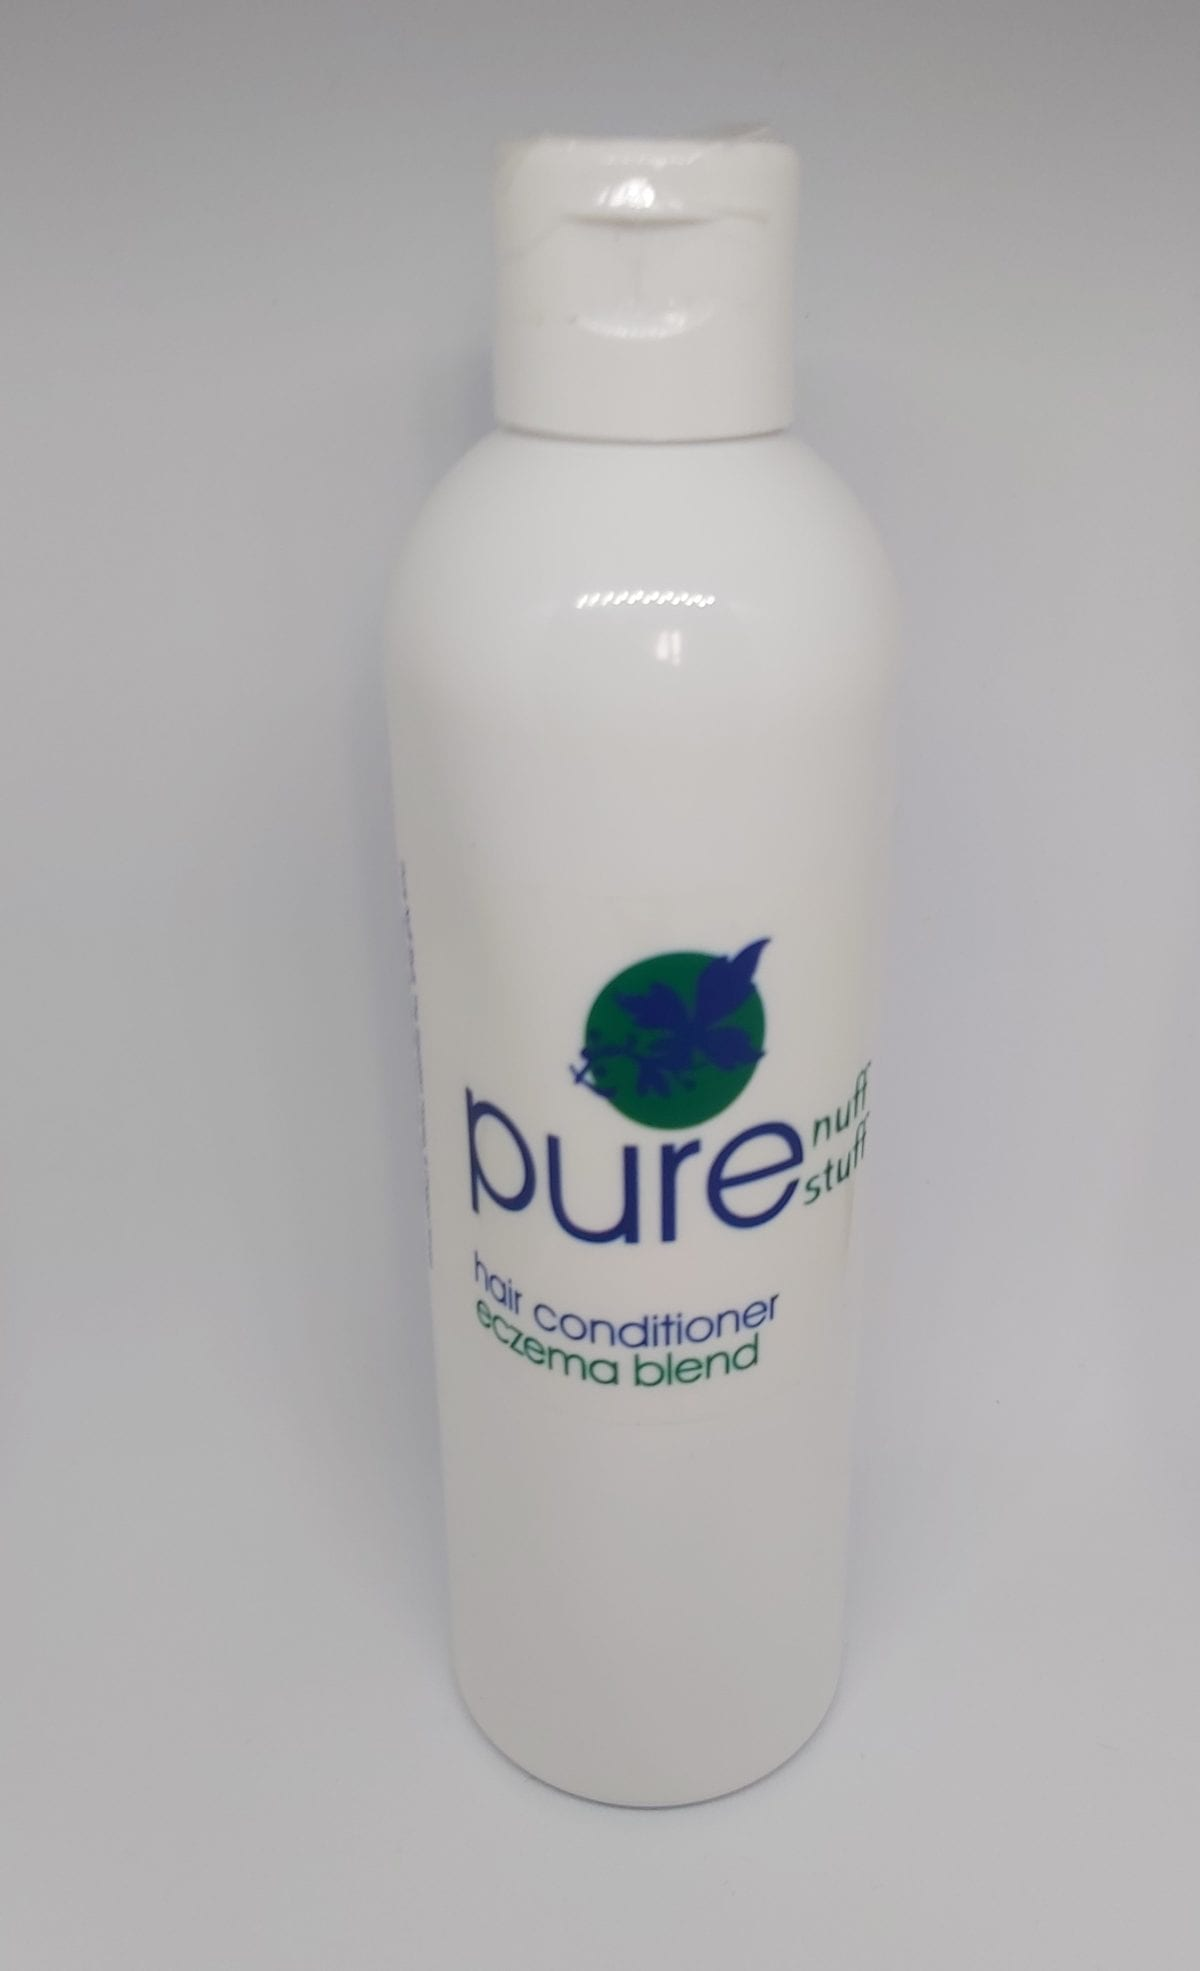 Hair Conditioner - Eczema Blend